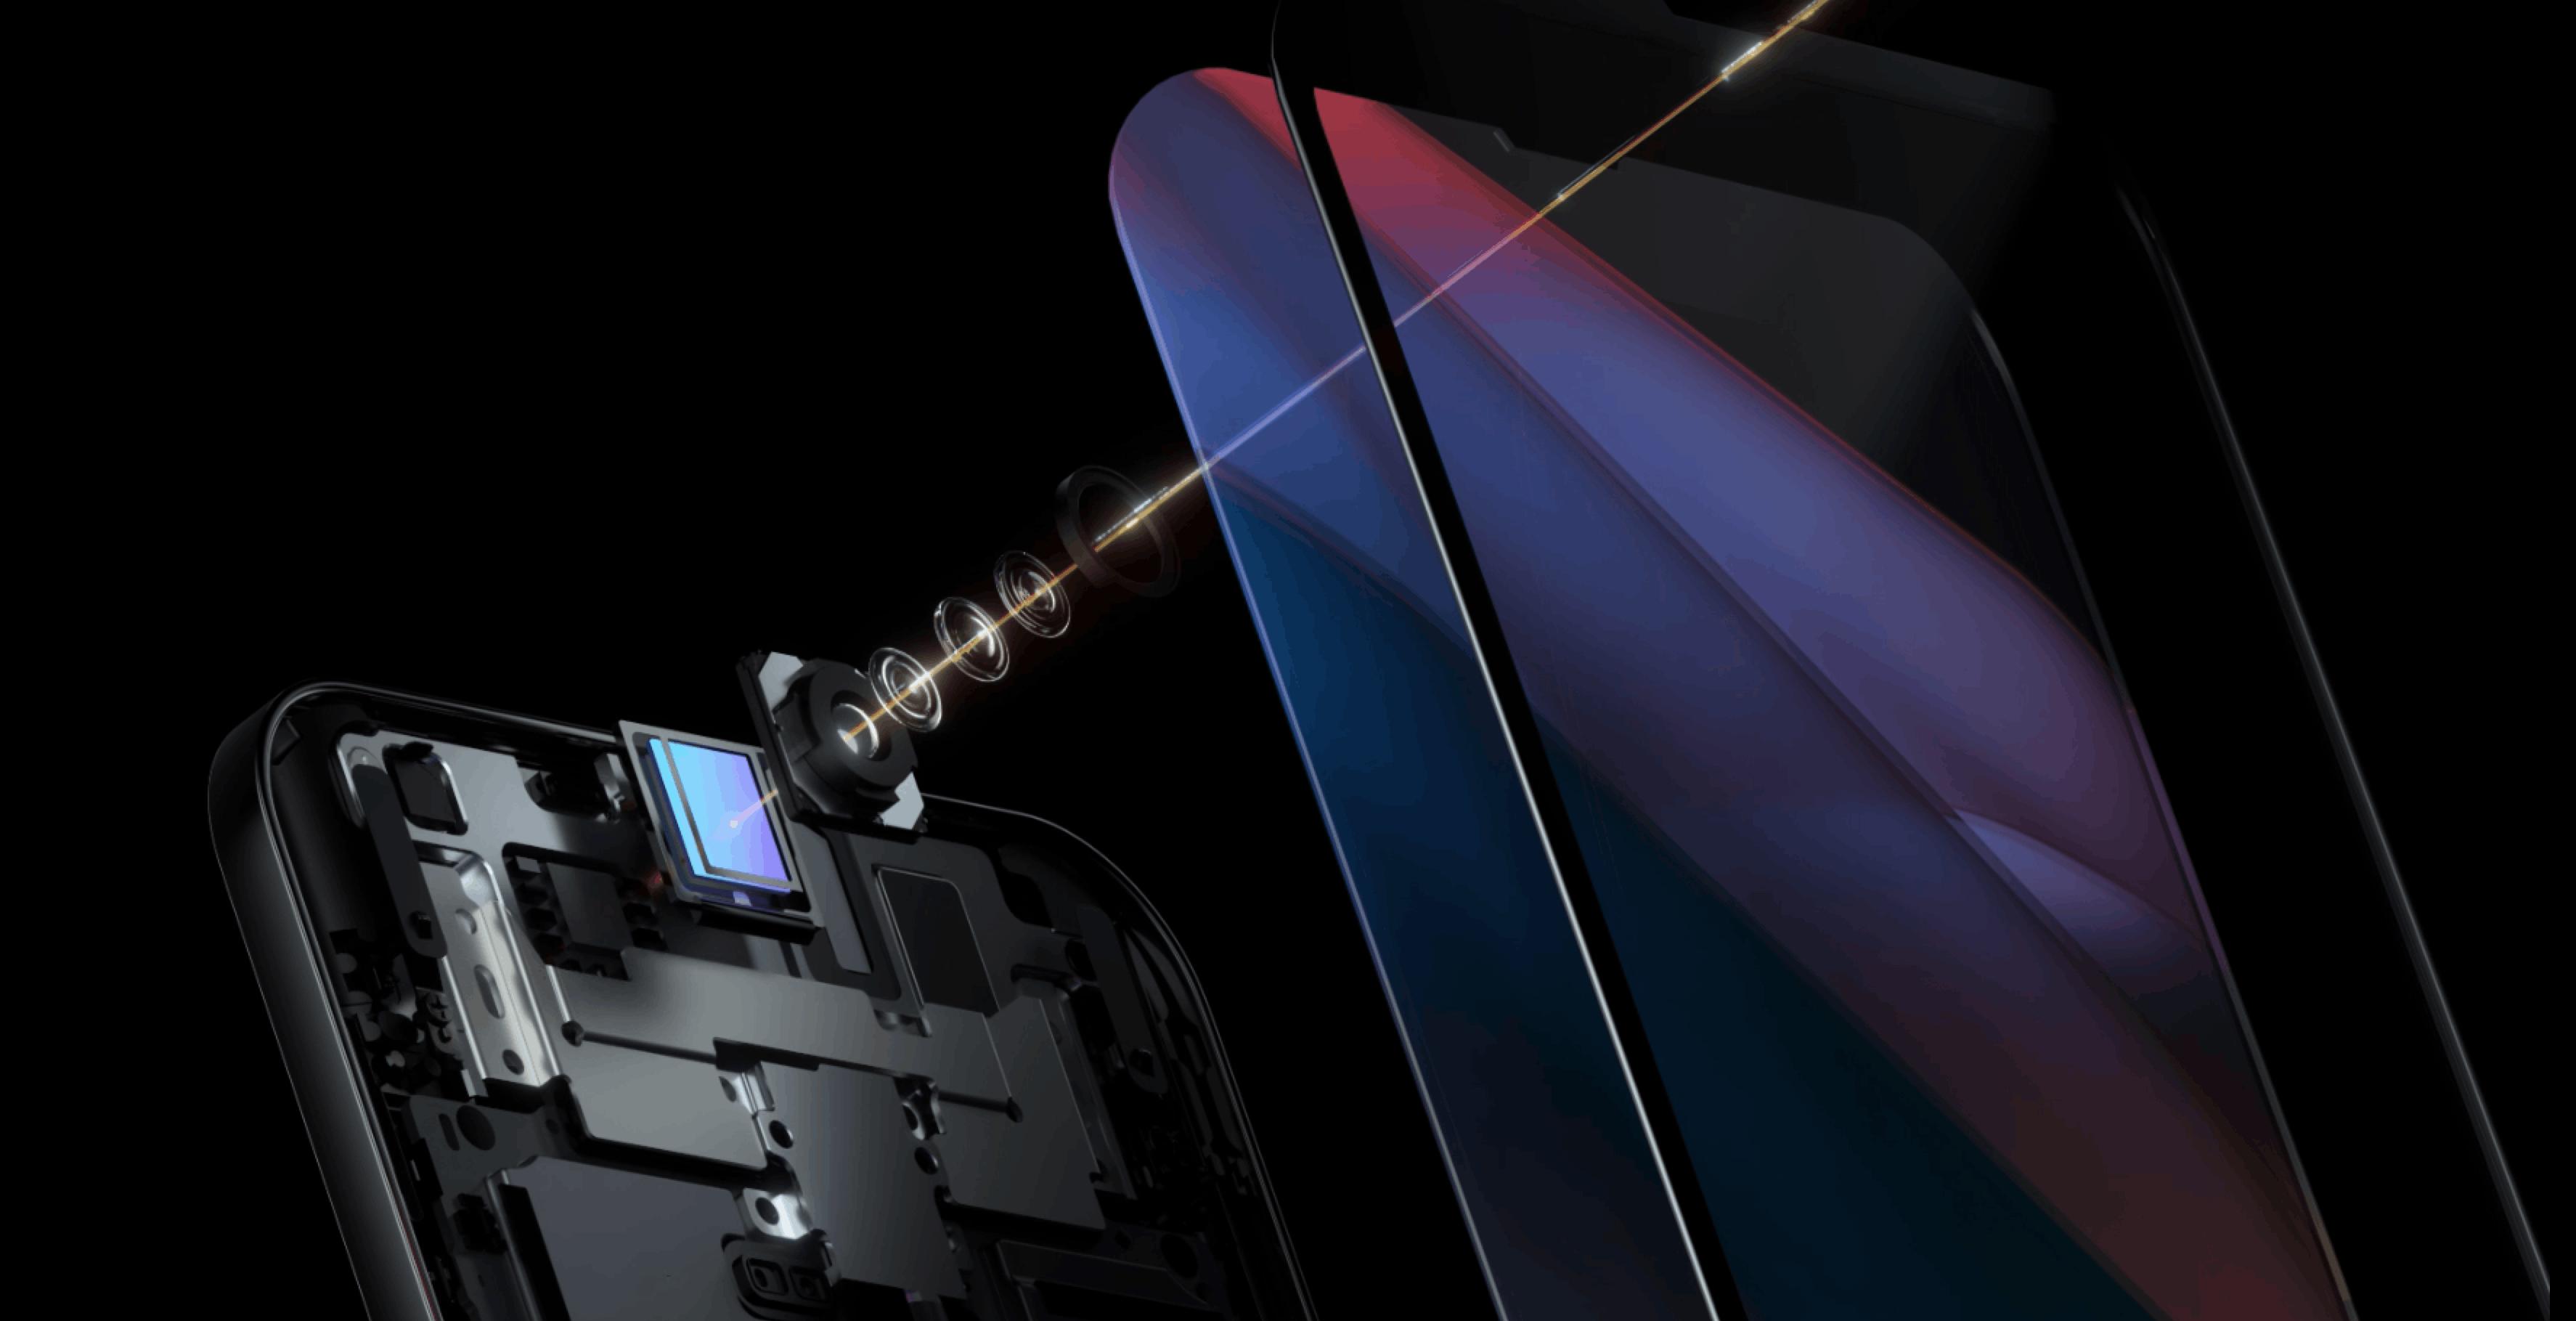 Oppo annuncia nuove tecnologie di display per l'utilizzo di fotocamere sotto lo schermo